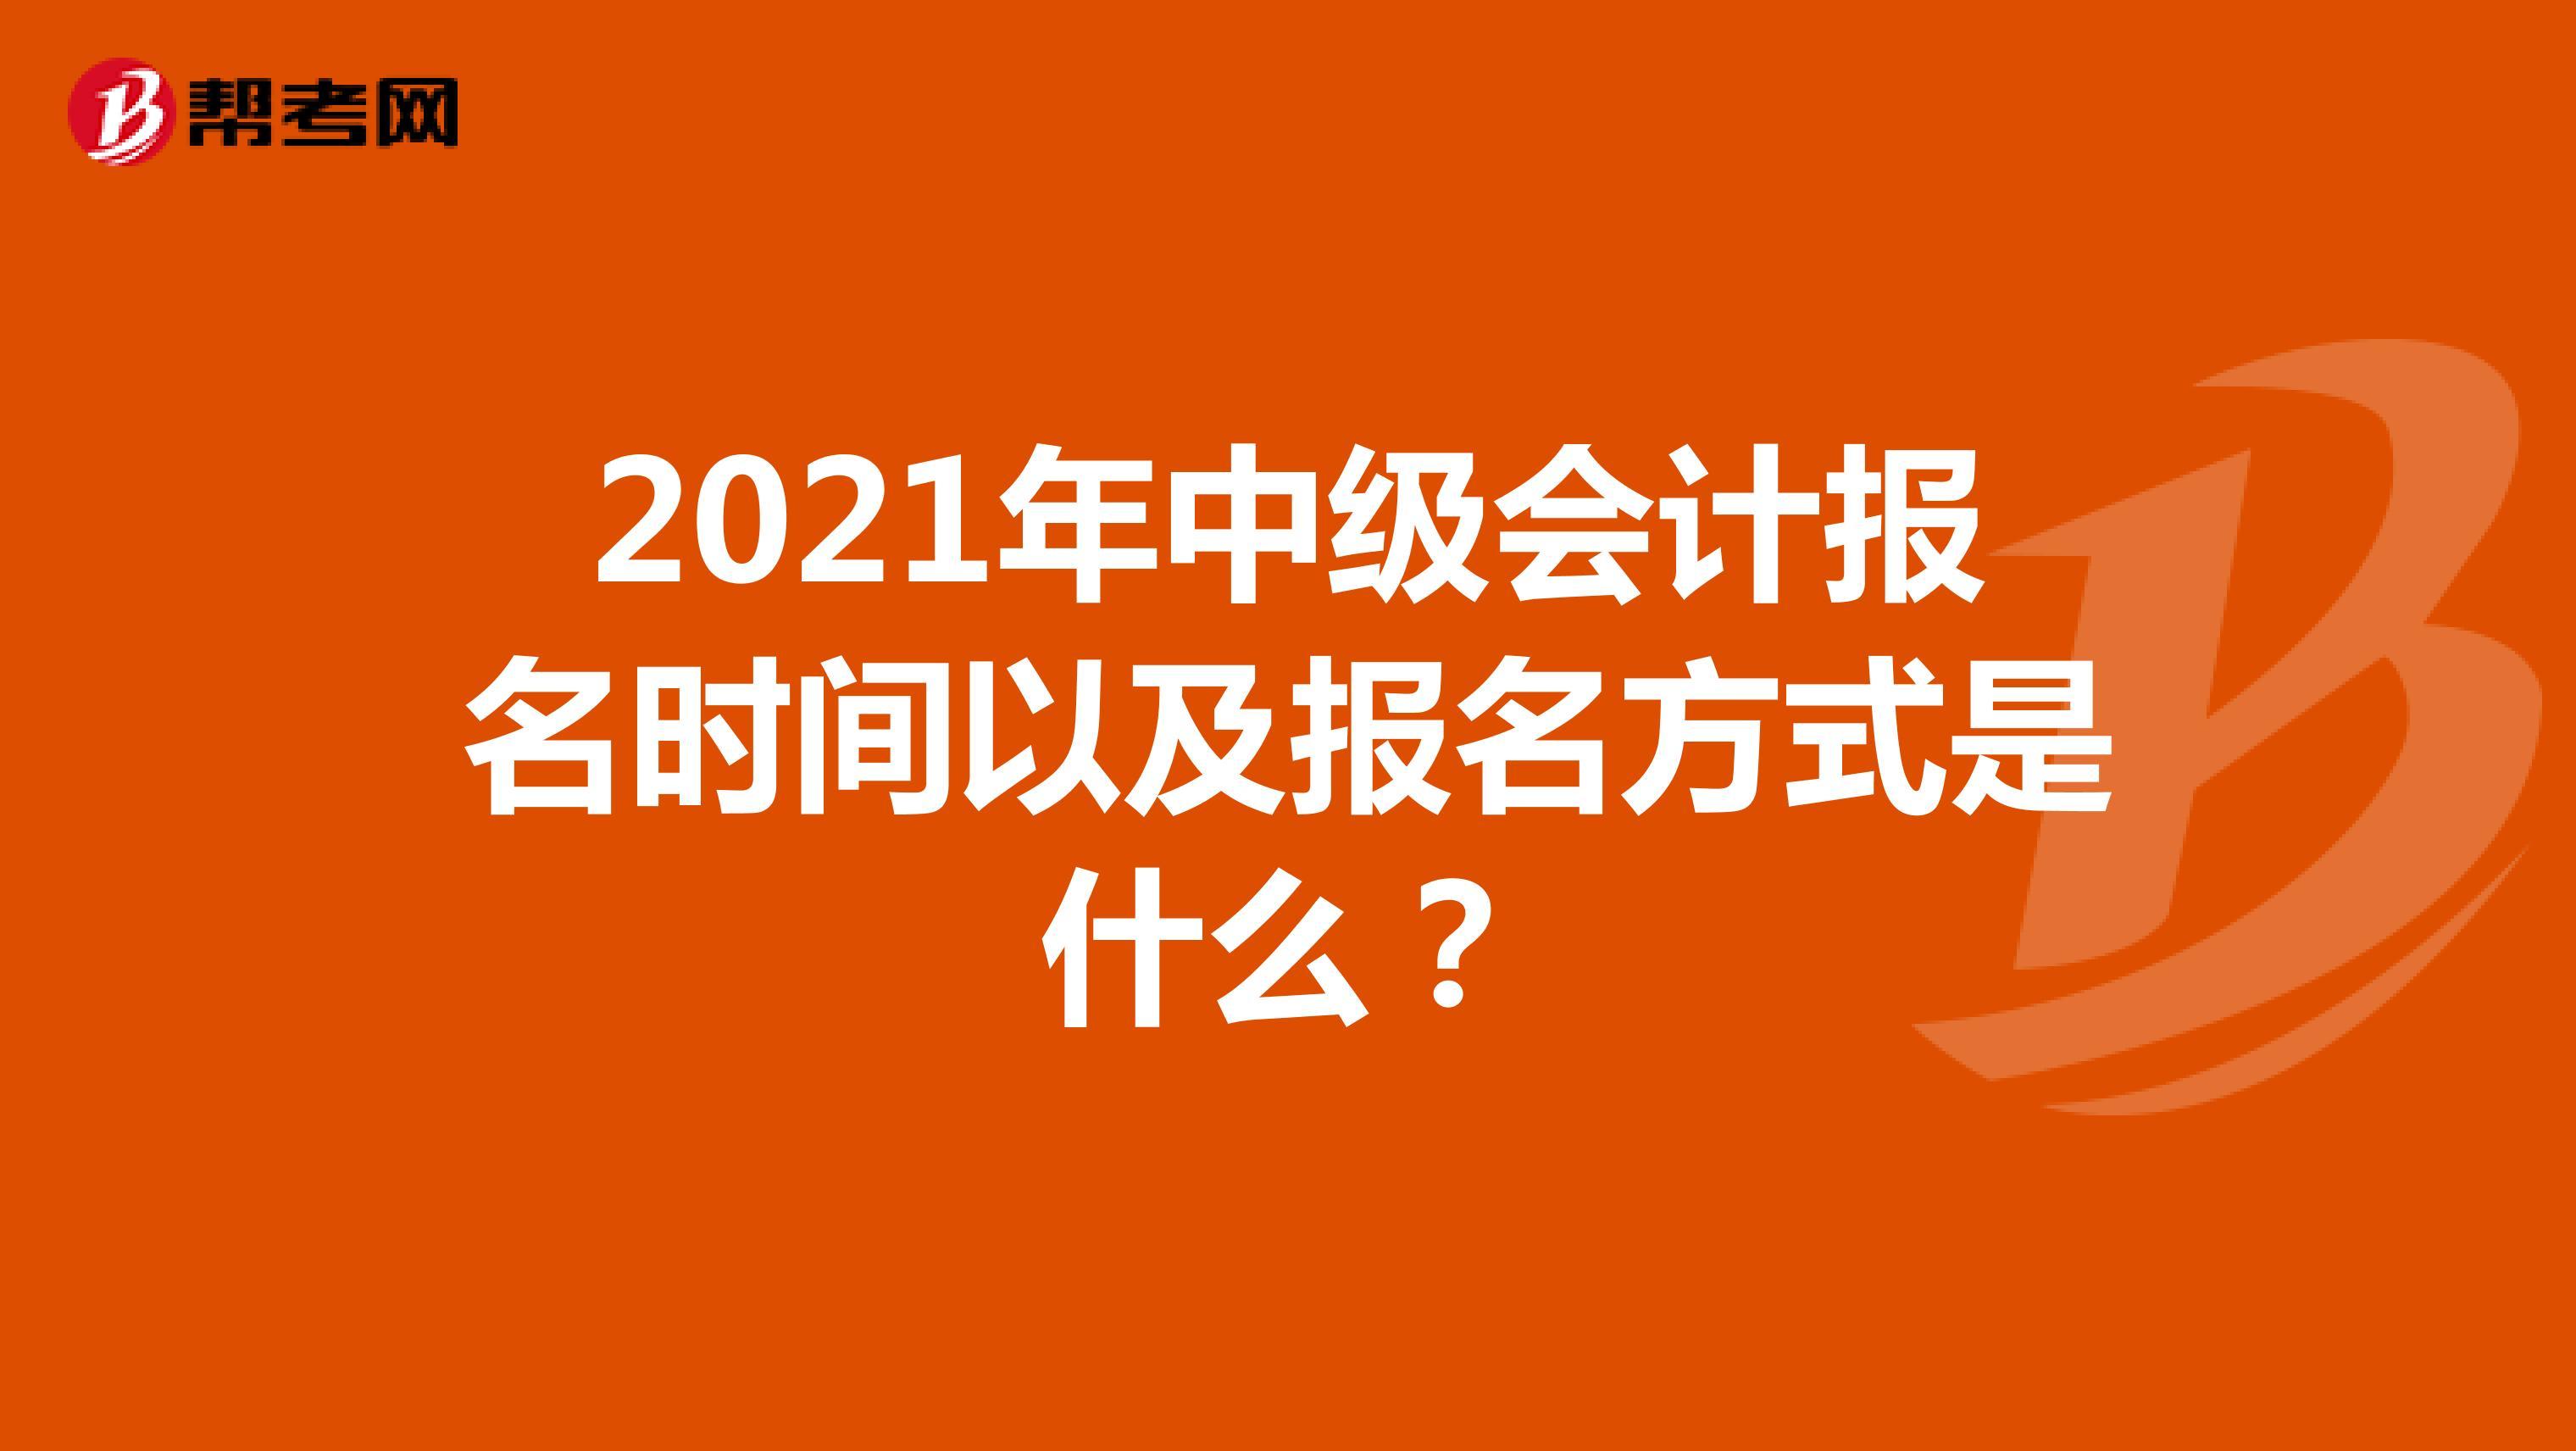 2021年中級會計報名時間以及報名方式是什么?